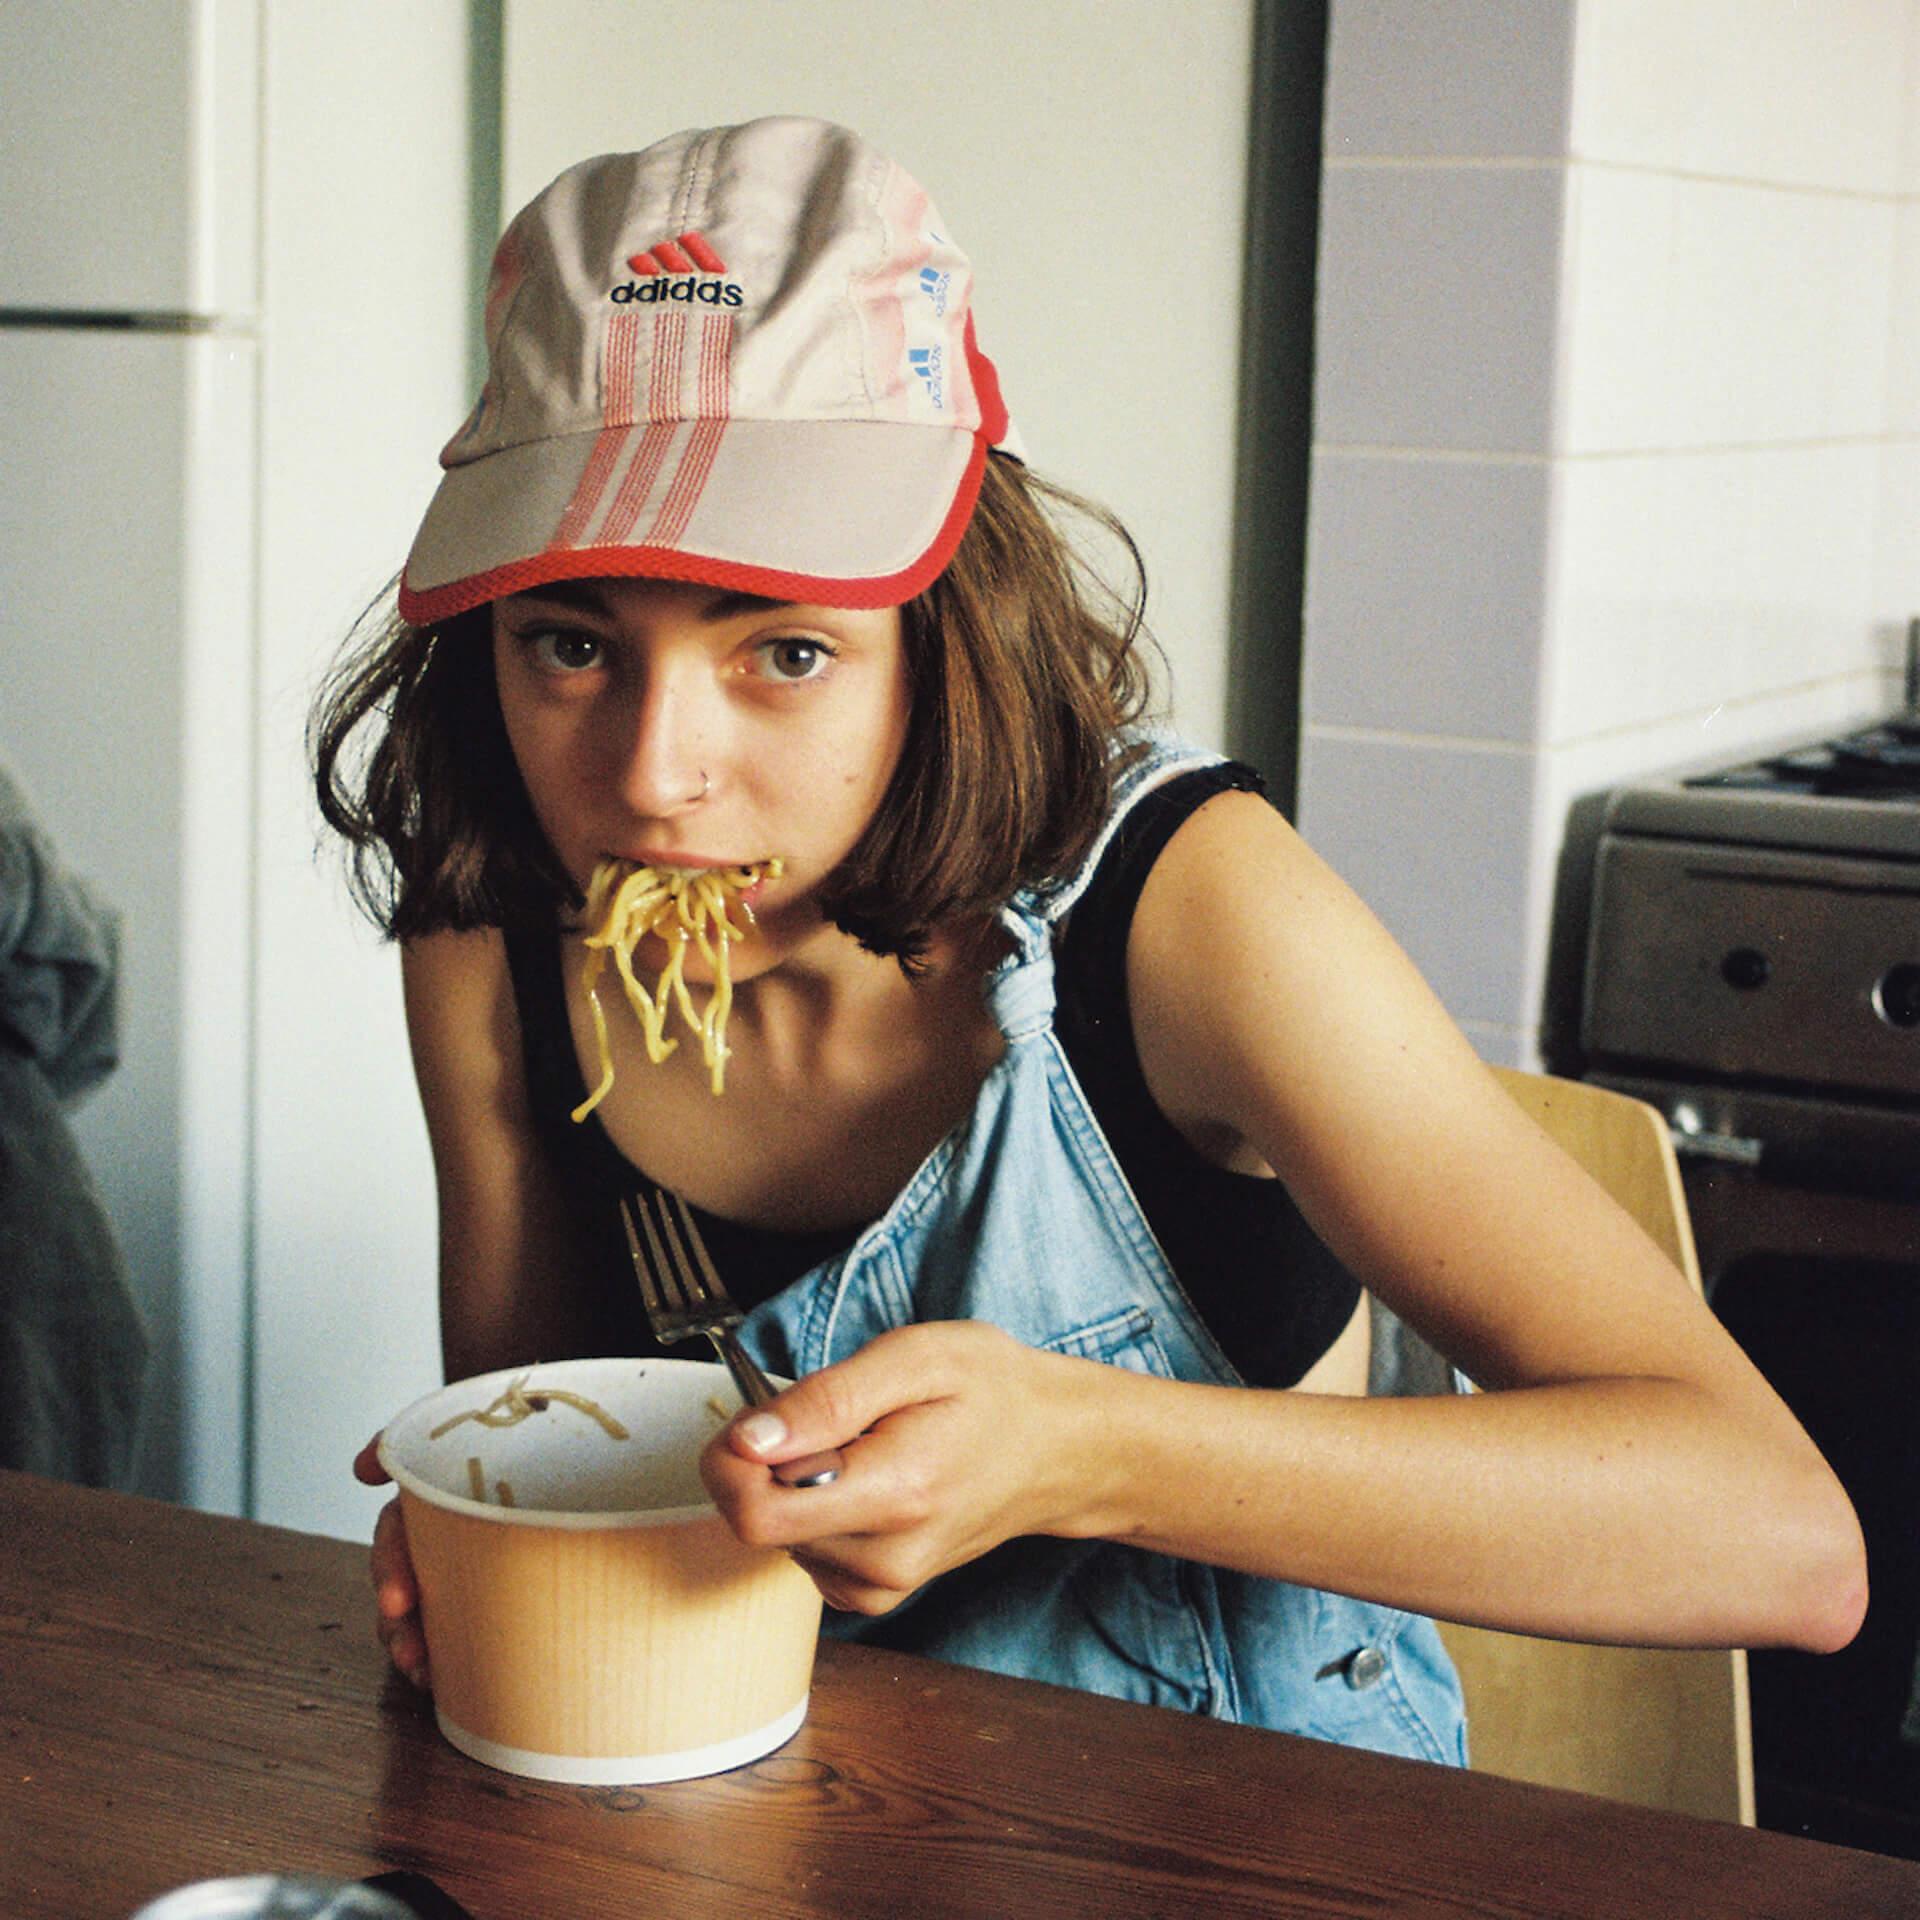 このキュートな写真の子はだれ?JOURNAL STANDARDよりStella DonnellyのオフィシャルフォトTシャツが発売! life-fashion190717-stelladonnelly-journalstandard-2